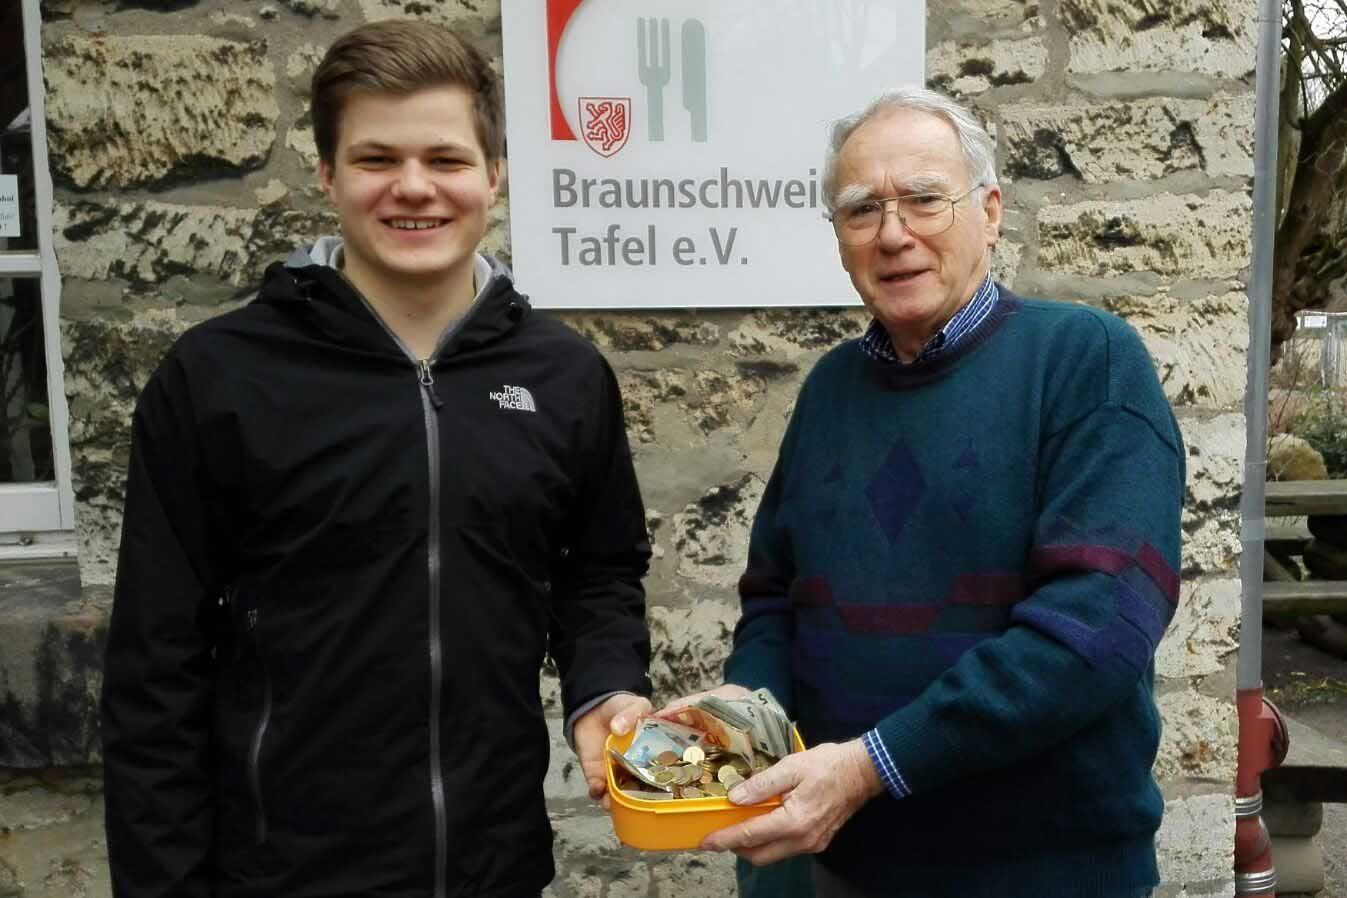 Gaußschule » Gaußschüler Sammeln Für Braunschweiger Tafel